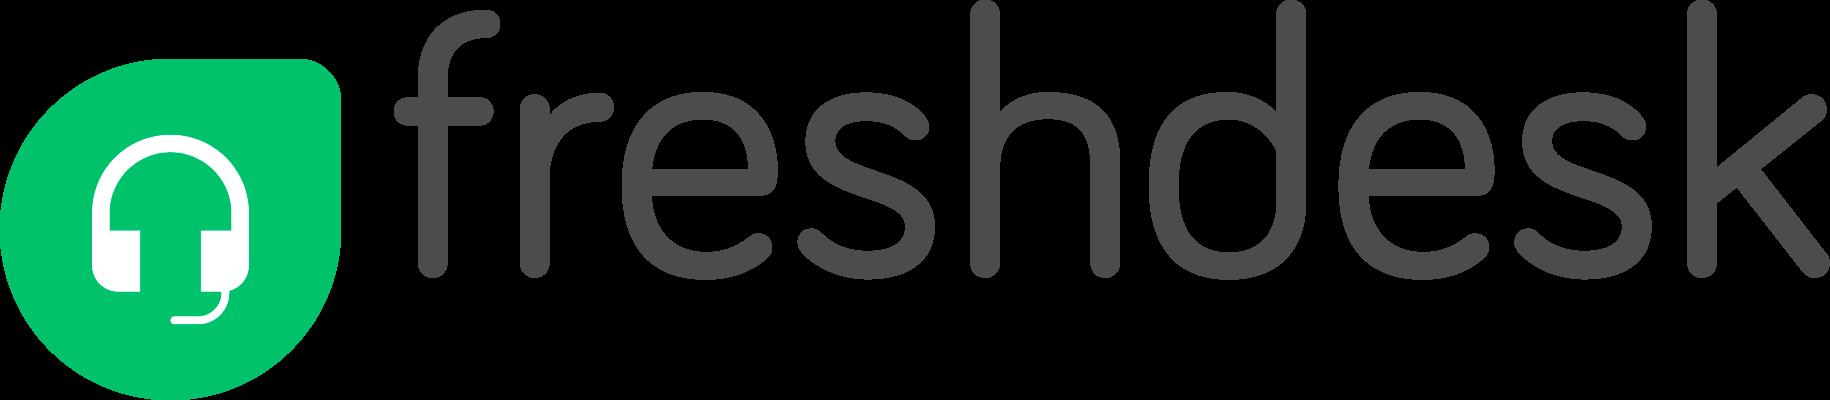 freshdesk-light-bg.png